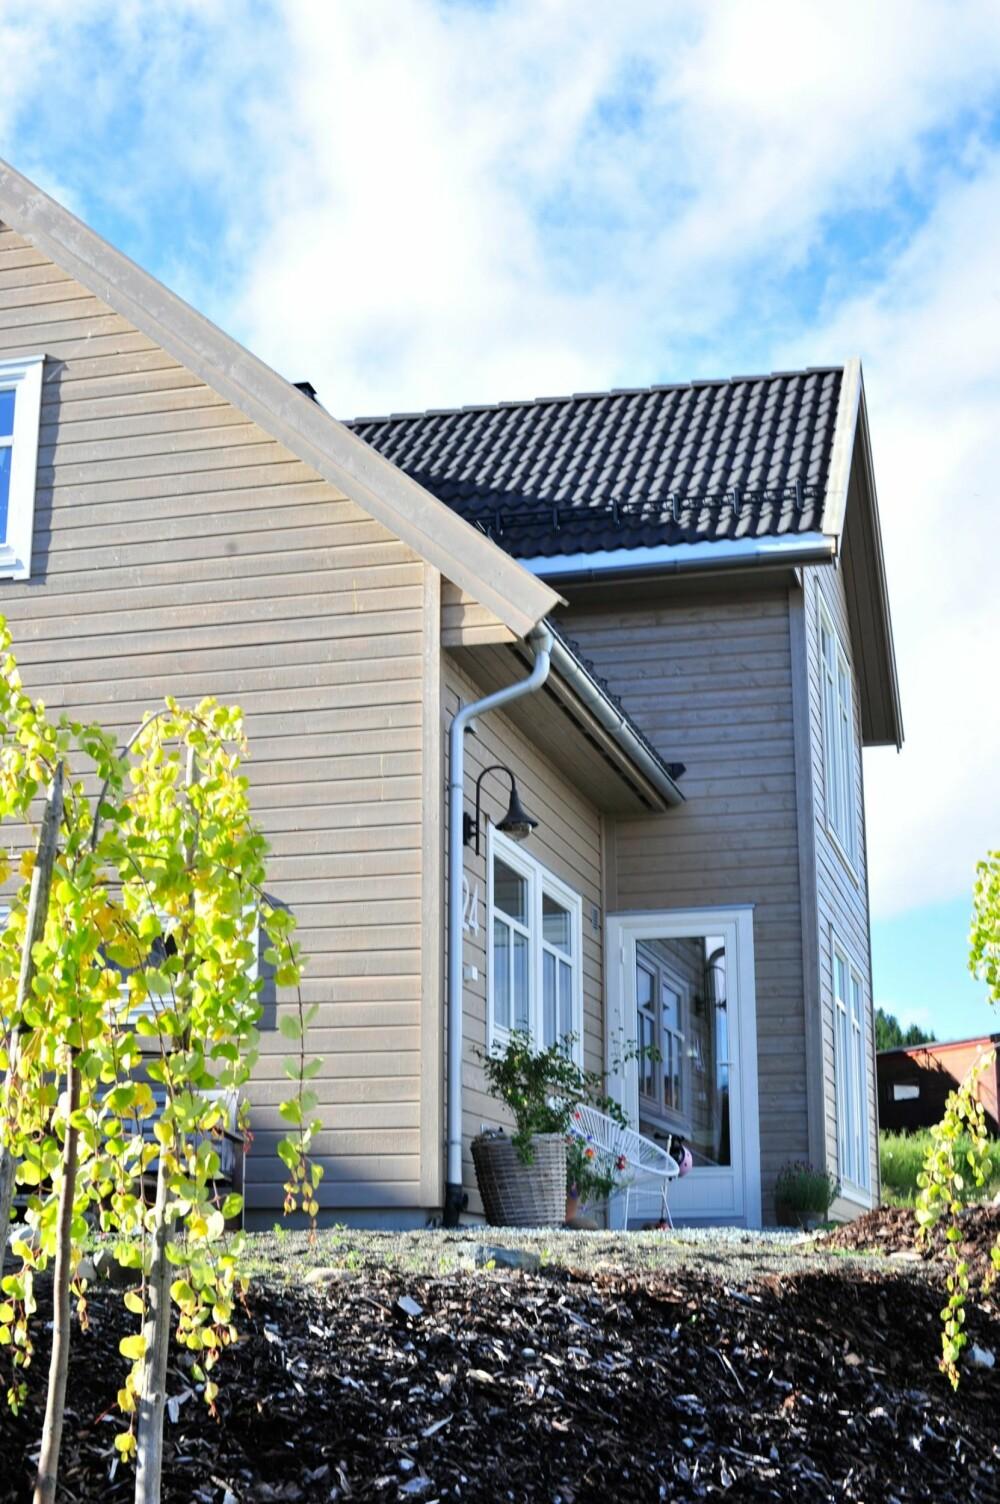 PERSONLIG PREG: Huset utenfor Trondheim er et ferdighus, men eierne har gjort så store endringer at hjemmet har fått et helt eget preg.